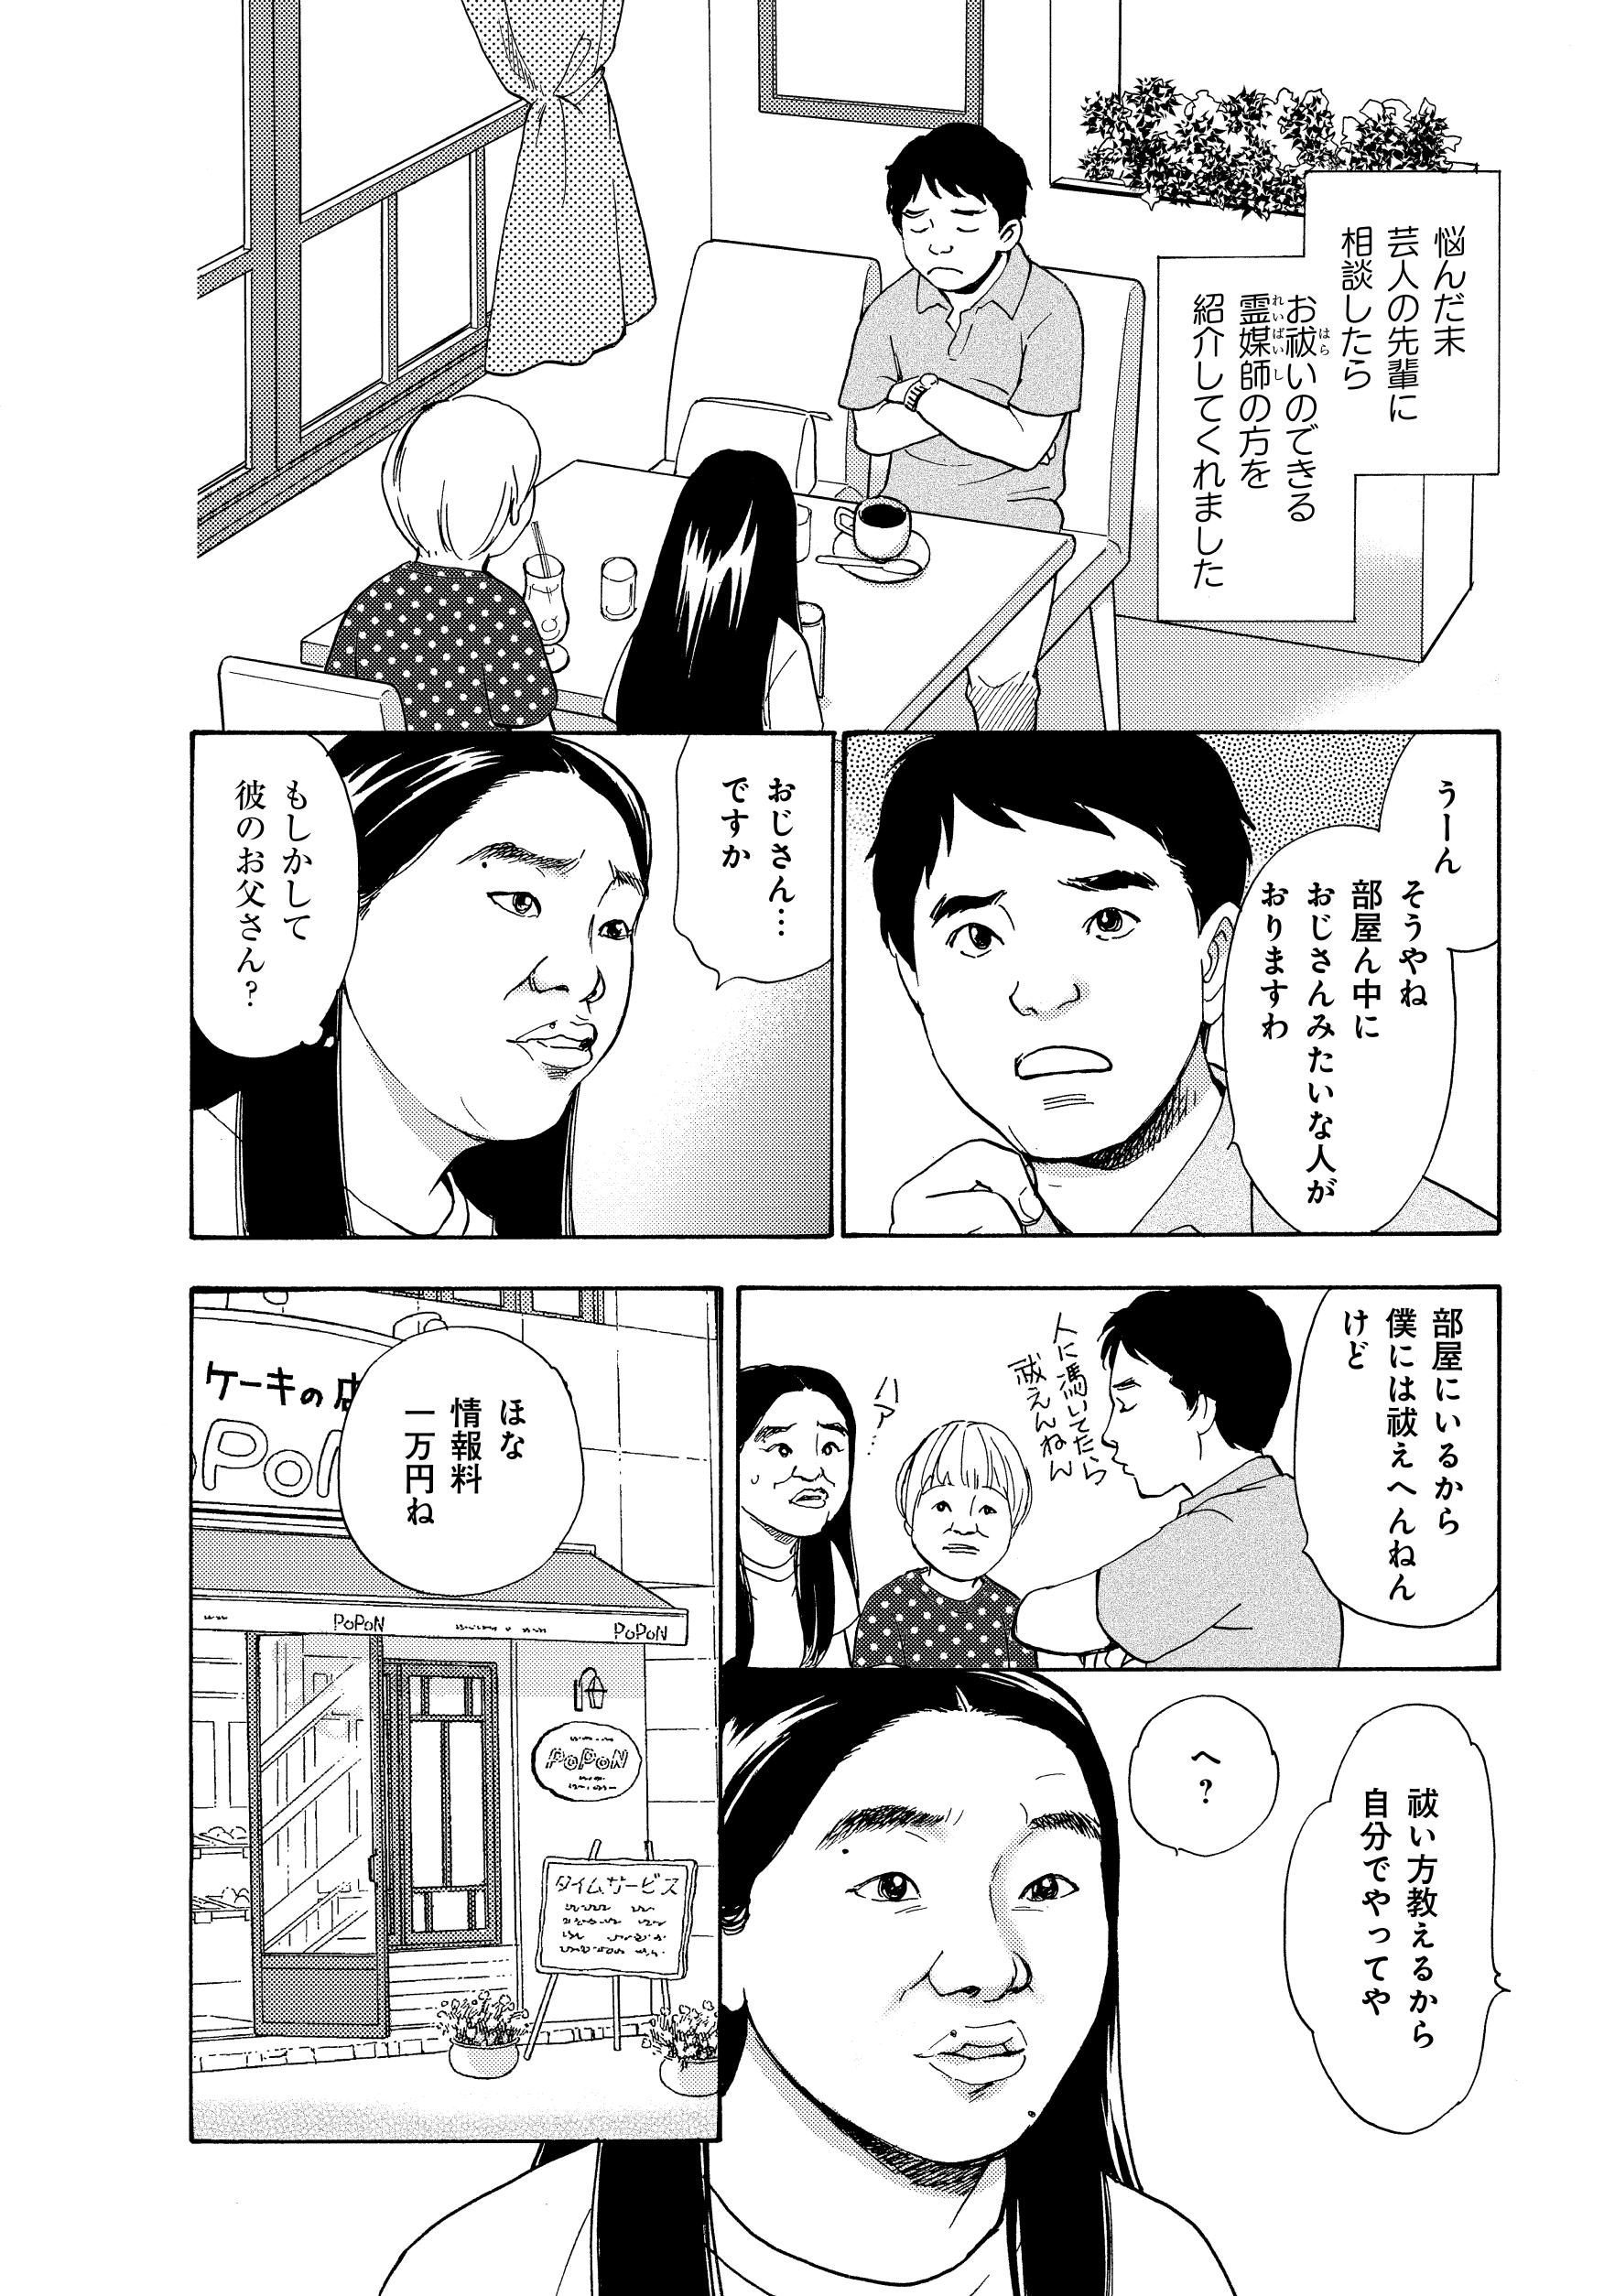 原作特集_176.jpg